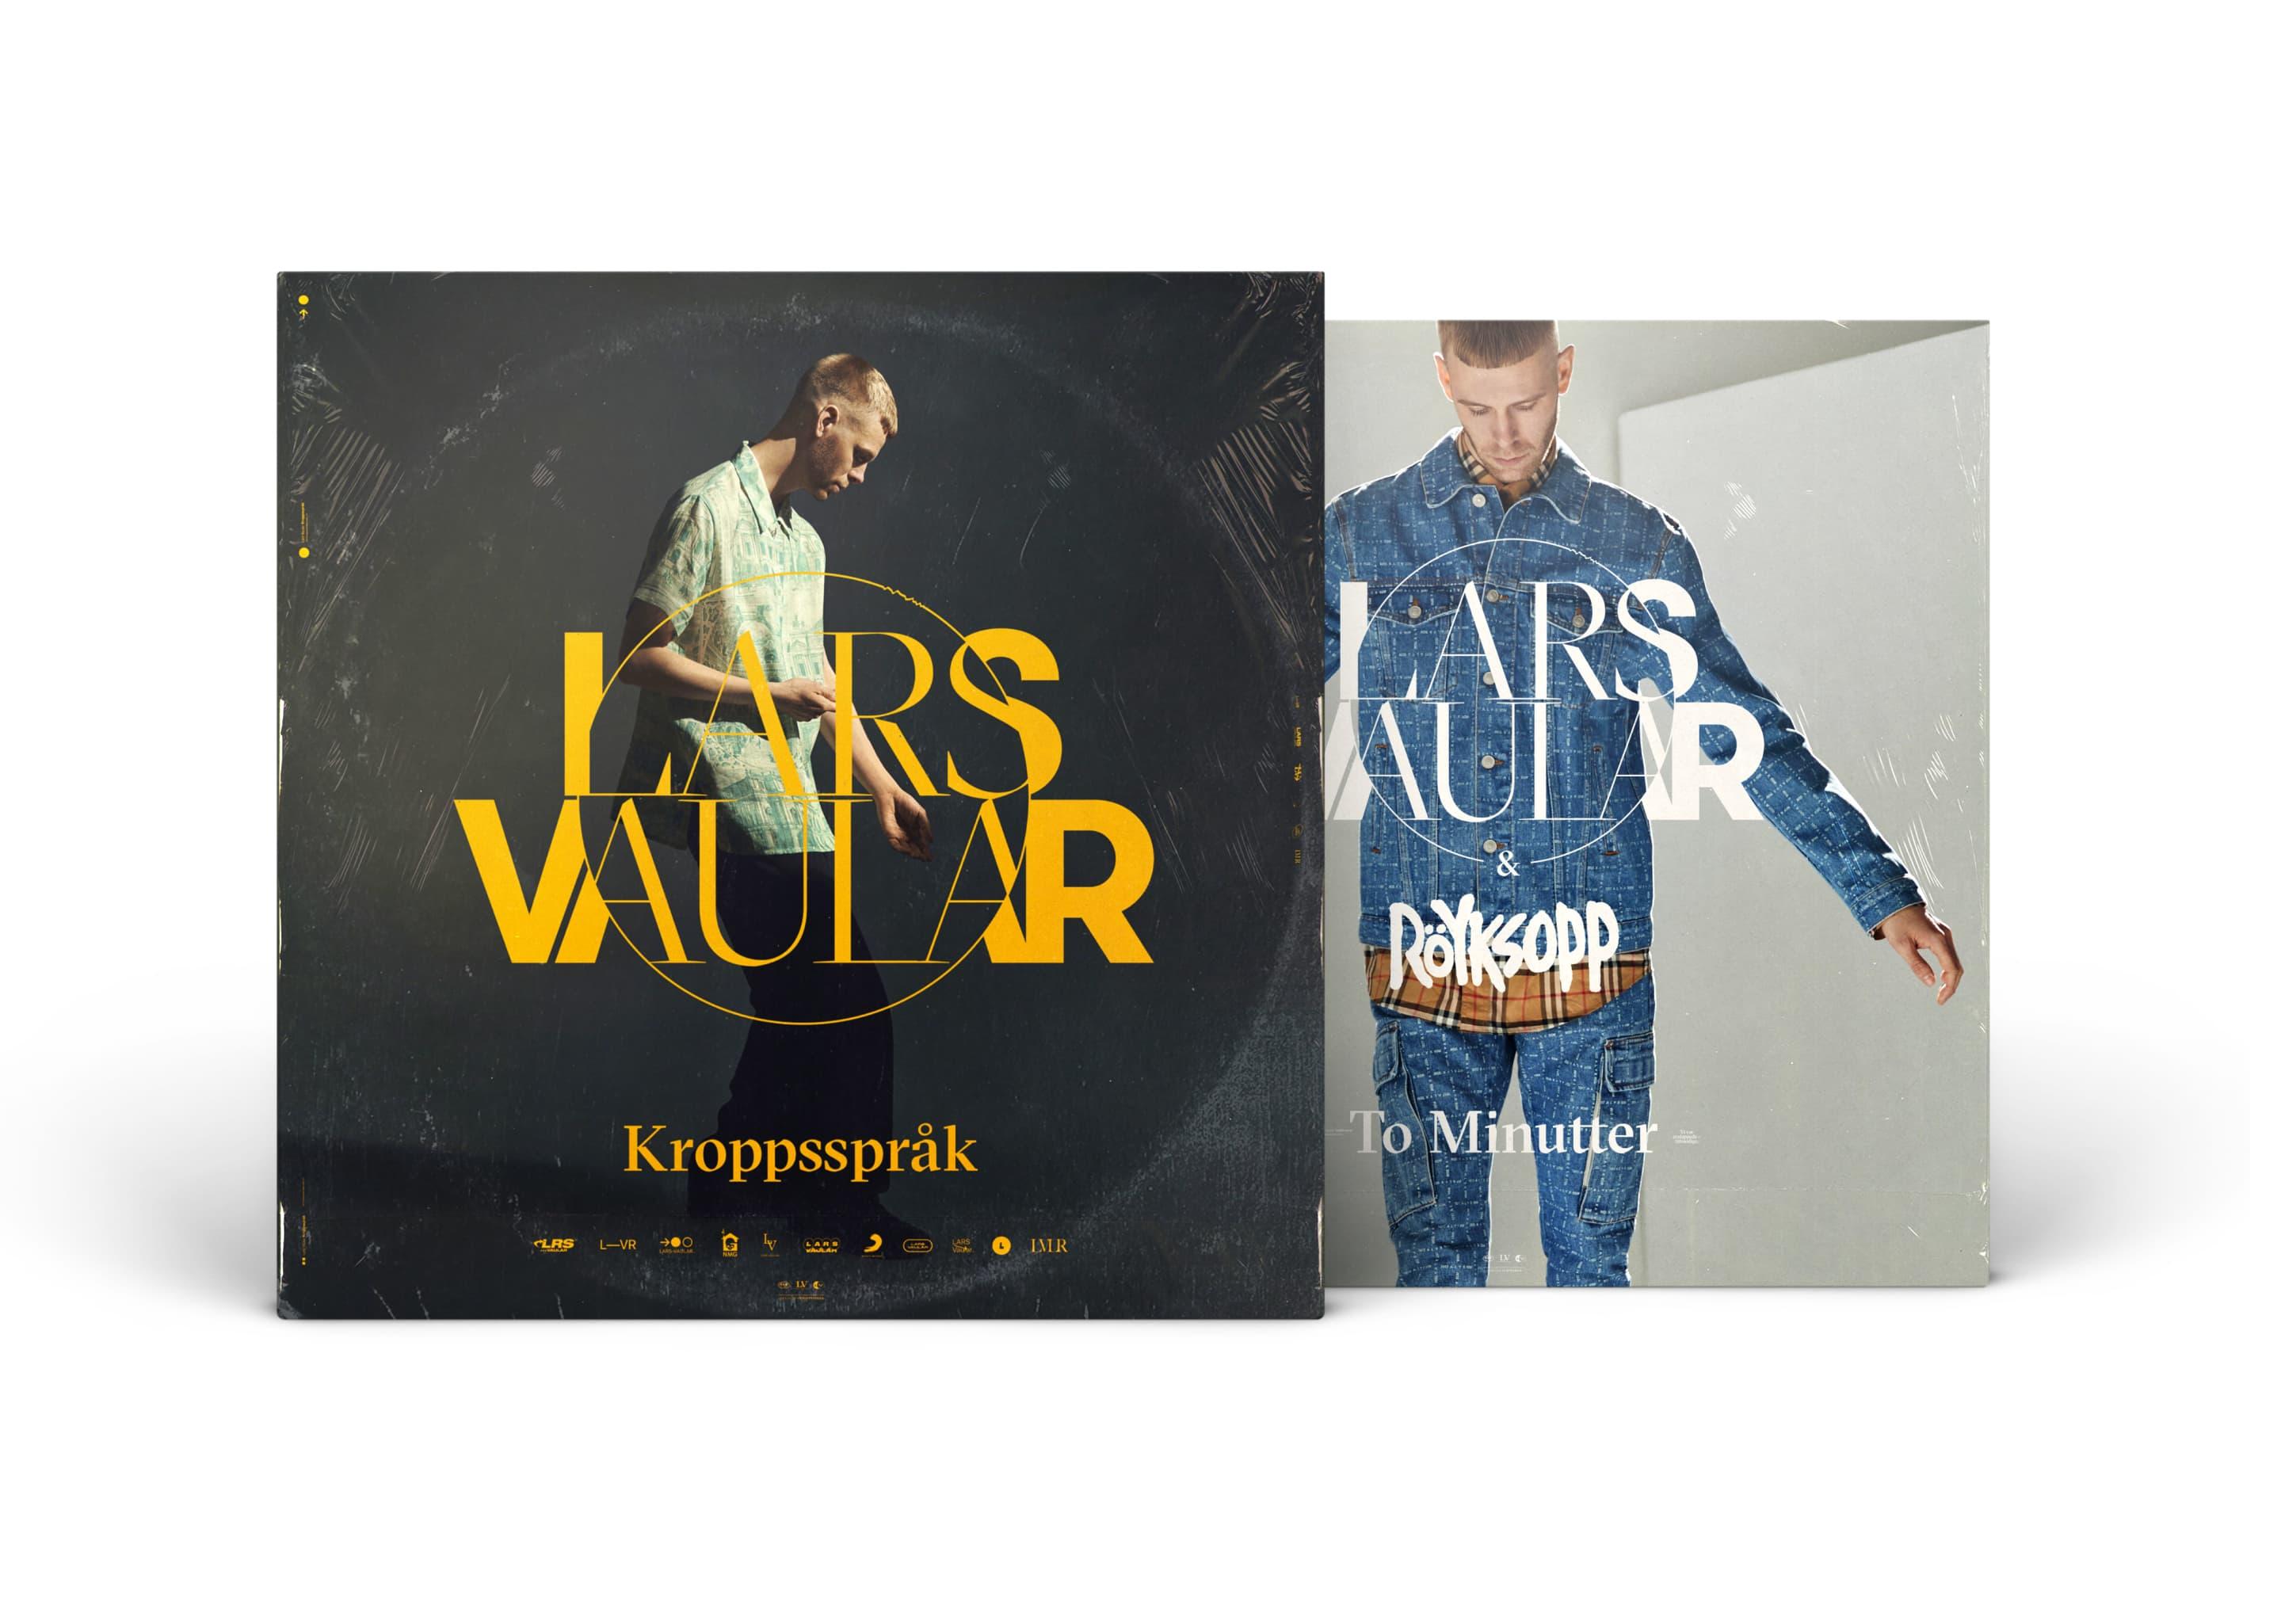 Lars-Vaular-Eps